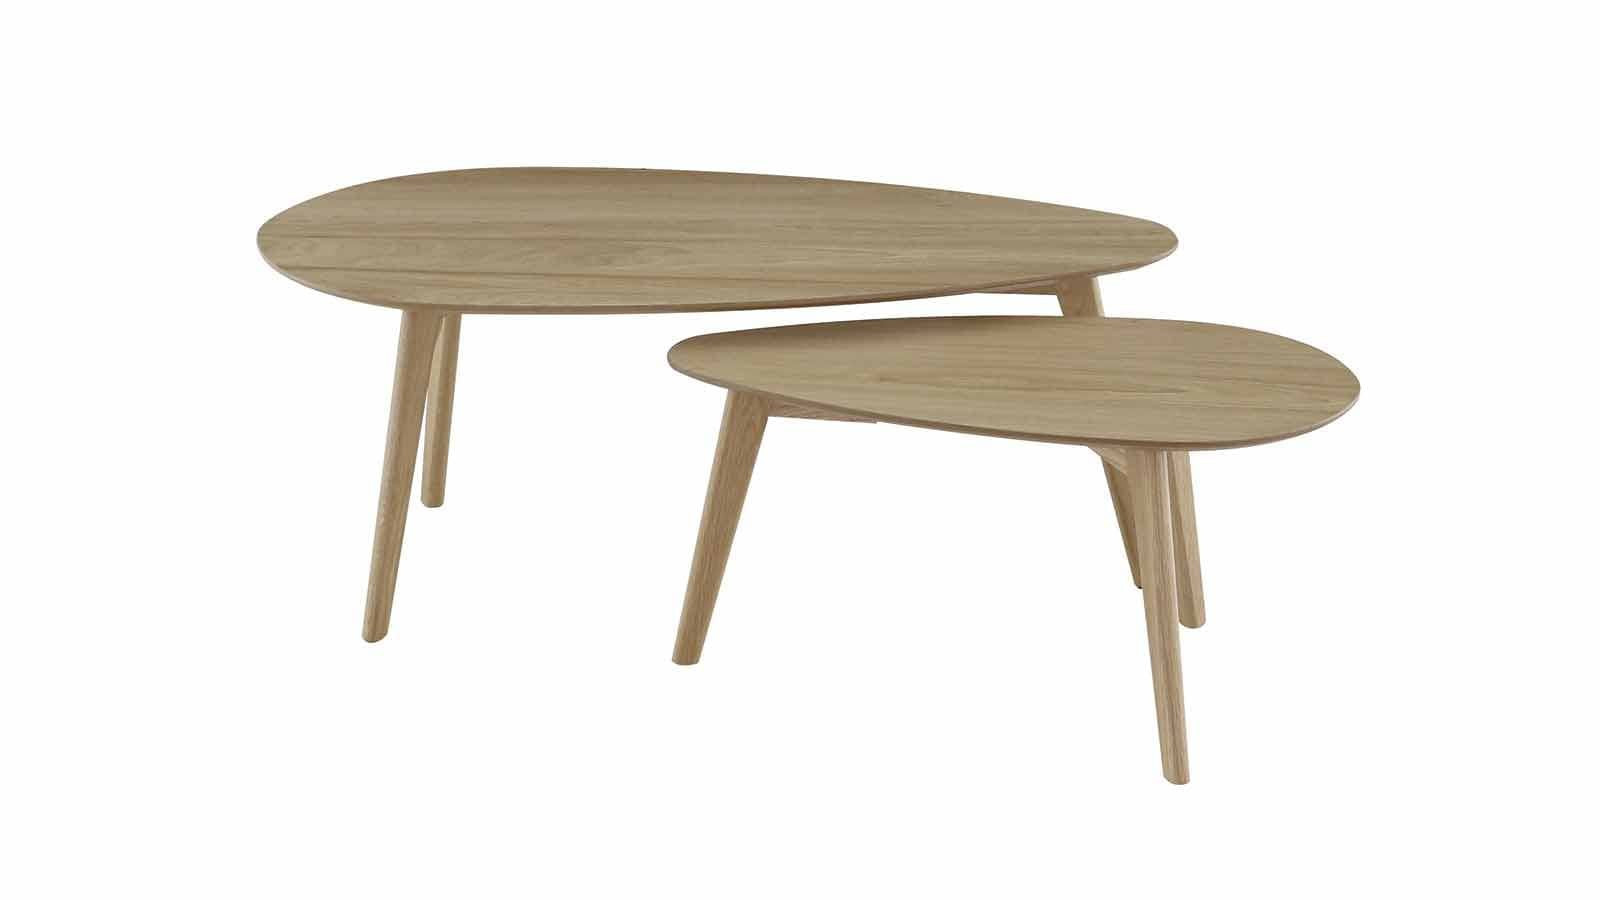 set de 2 tables basses gigognes scandinaves en ch ne. Black Bedroom Furniture Sets. Home Design Ideas